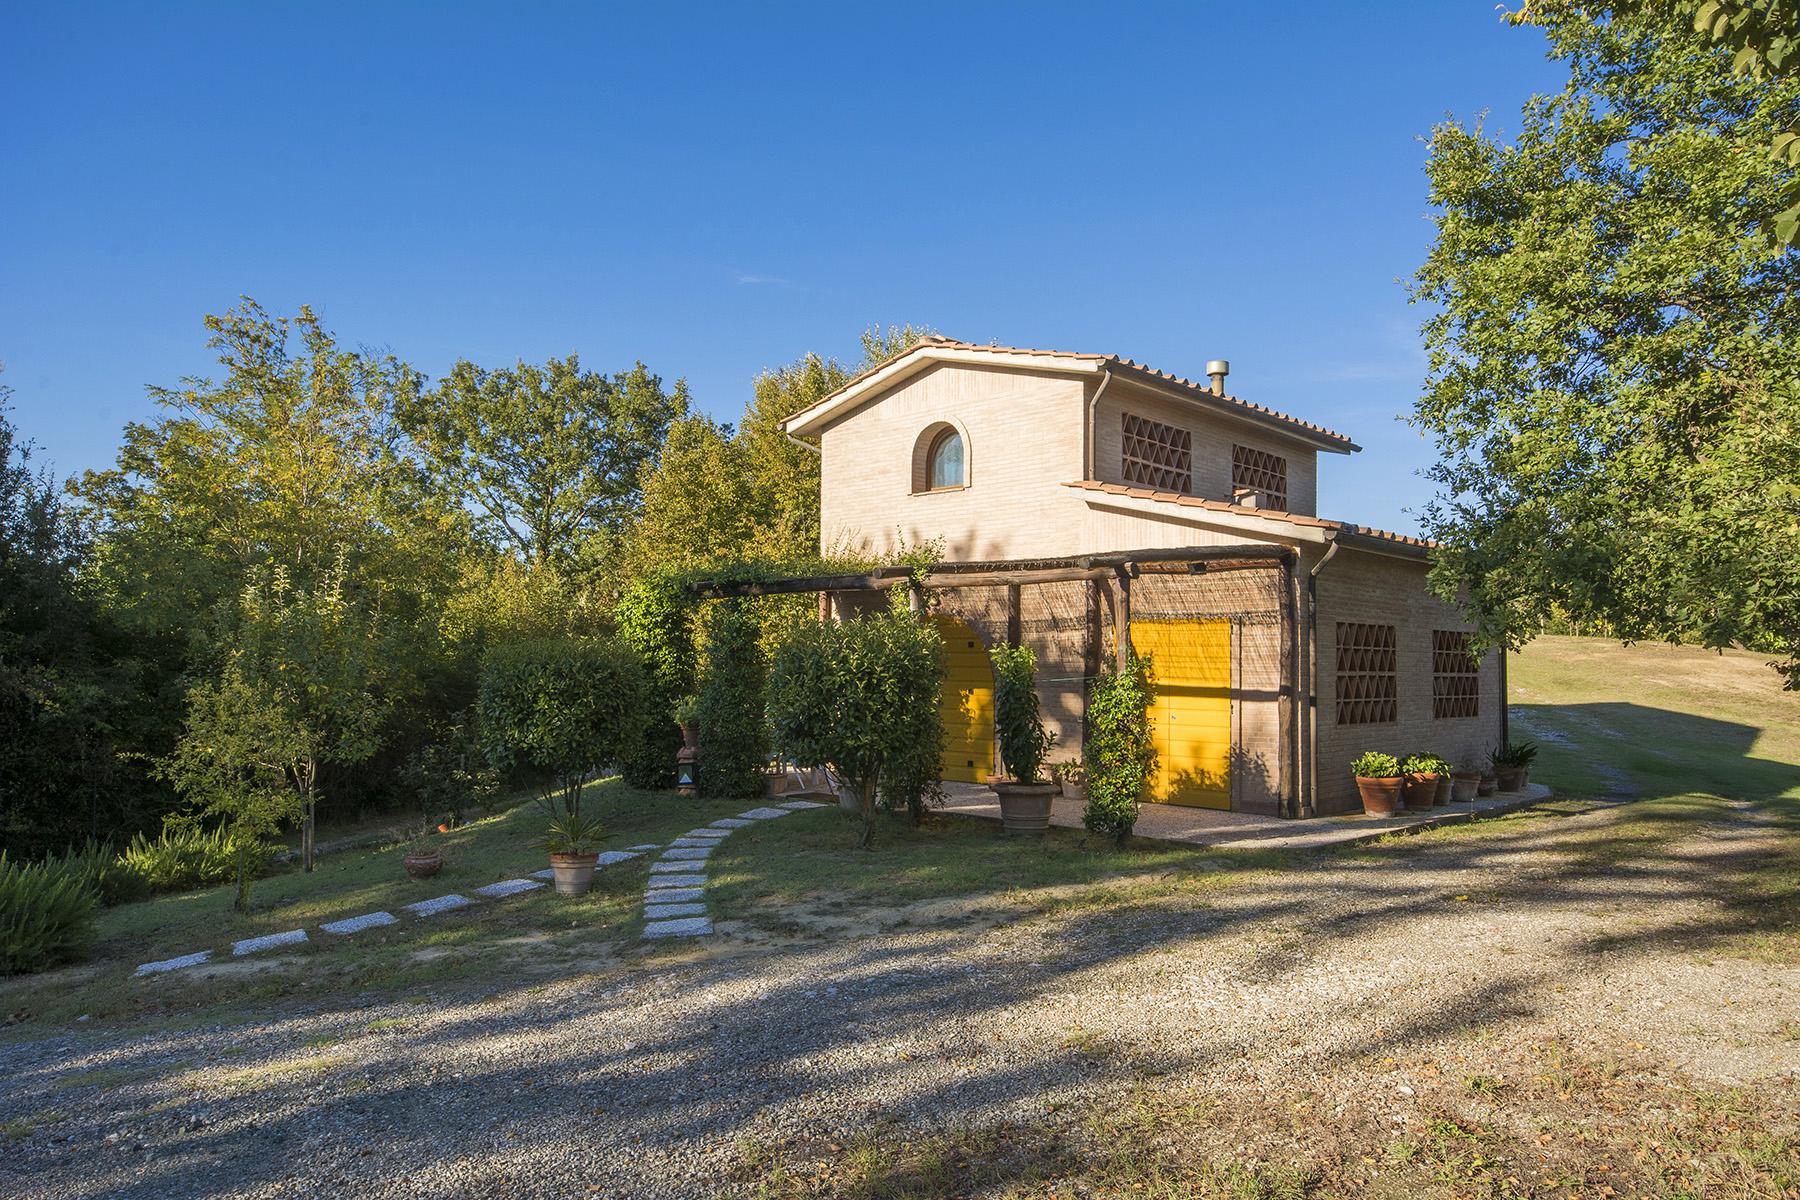 Villa in Vendita a San Miniato: 5 locali, 500 mq - Foto 21